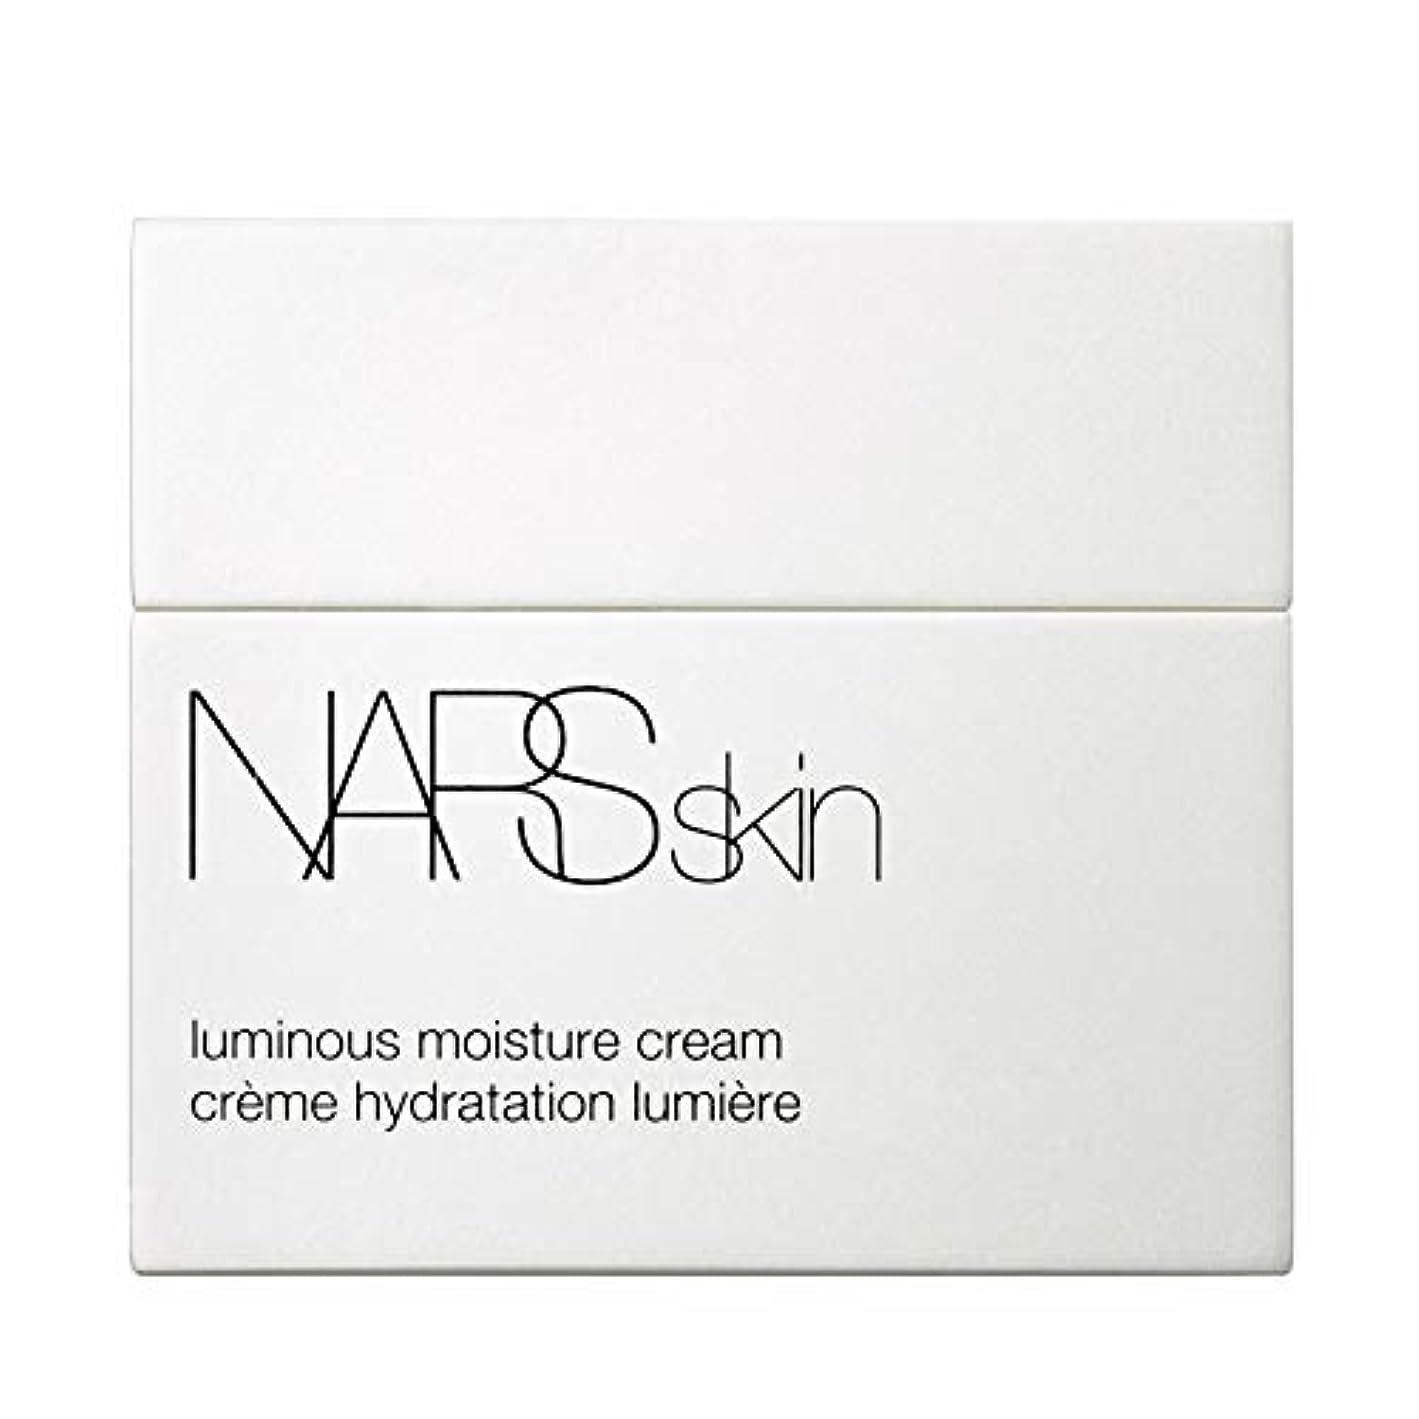 十一公演長椅子[NARS] Narは発光水分クリーム - Nars Luminous Moisture Cream [並行輸入品]